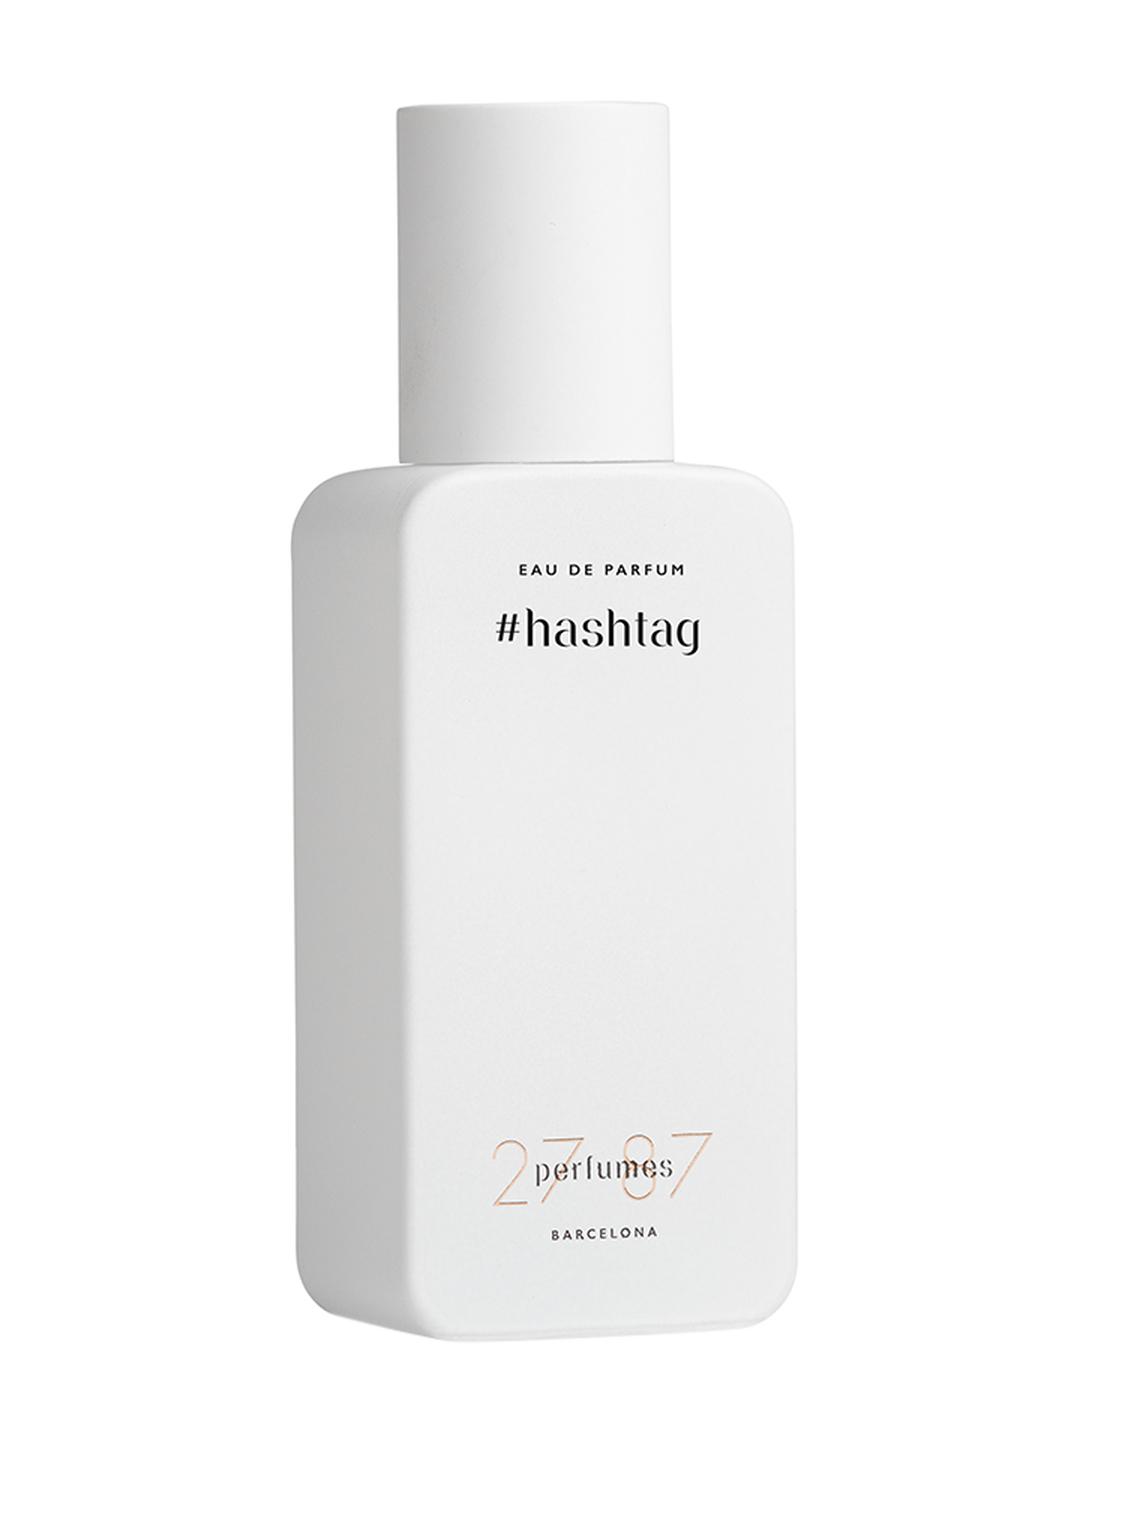 Image of 27 87 Perfumes #Hashtag Eau de Parfum 27 ml